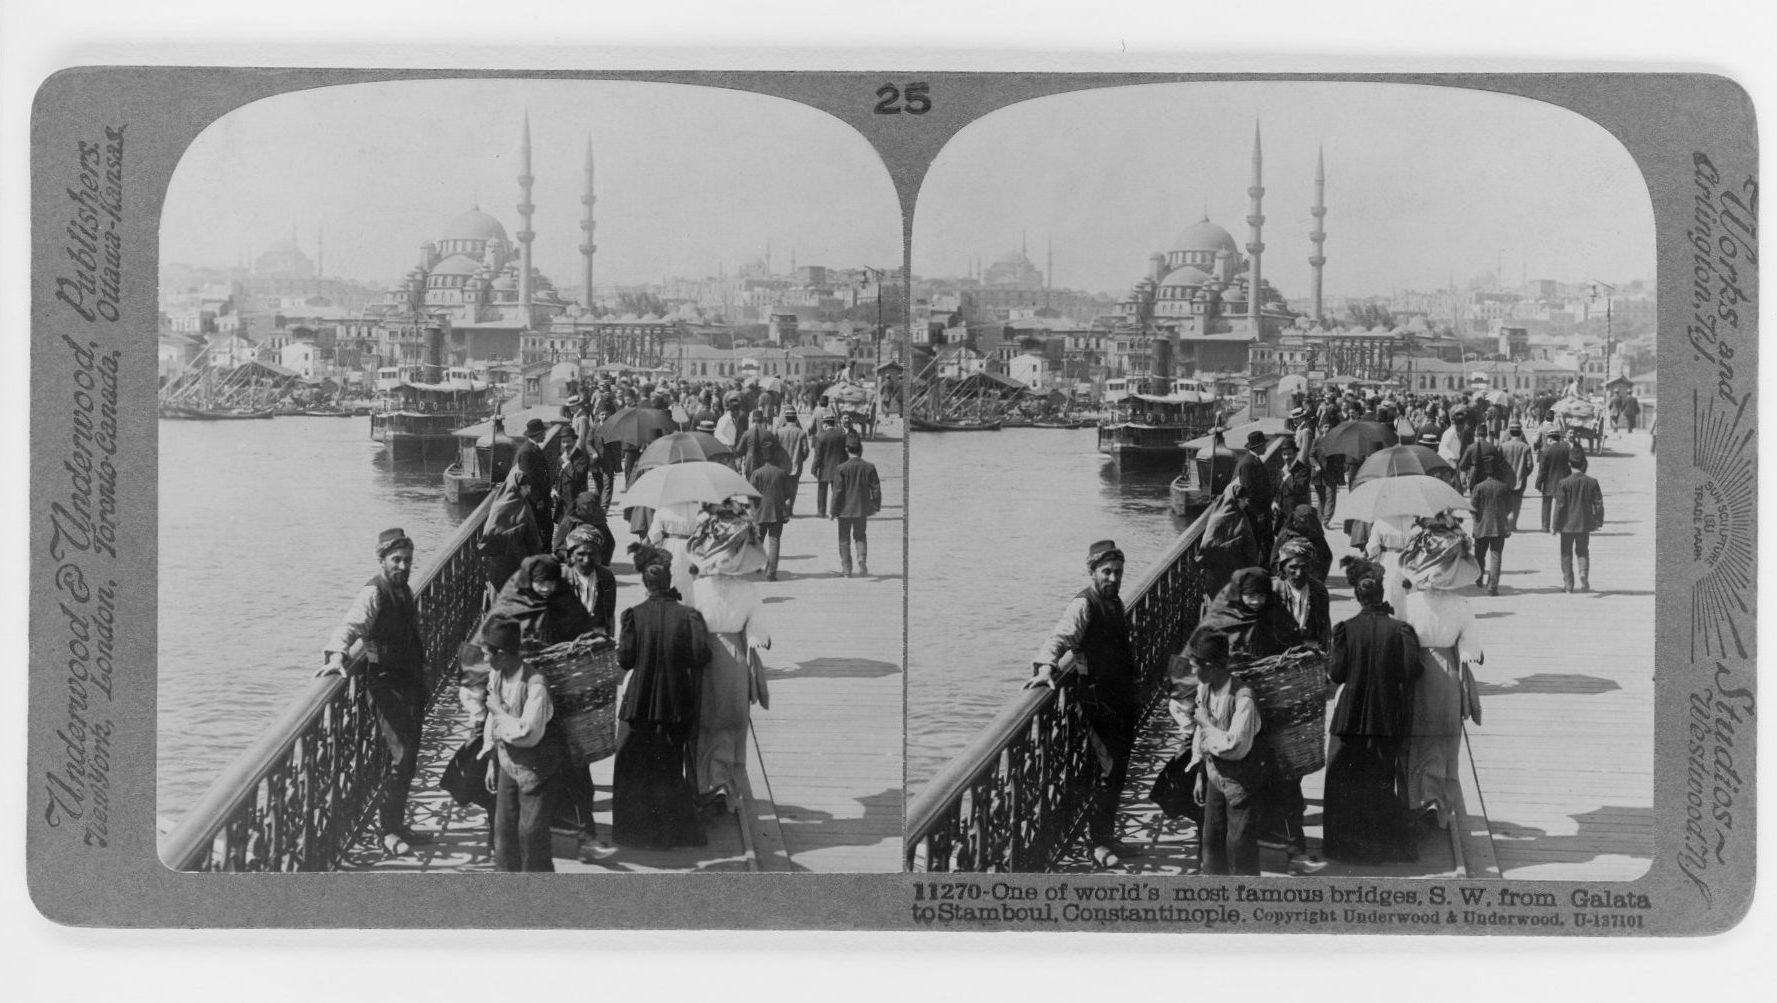 Galata Köprüsü Constantinople of Edmondo De Amicis